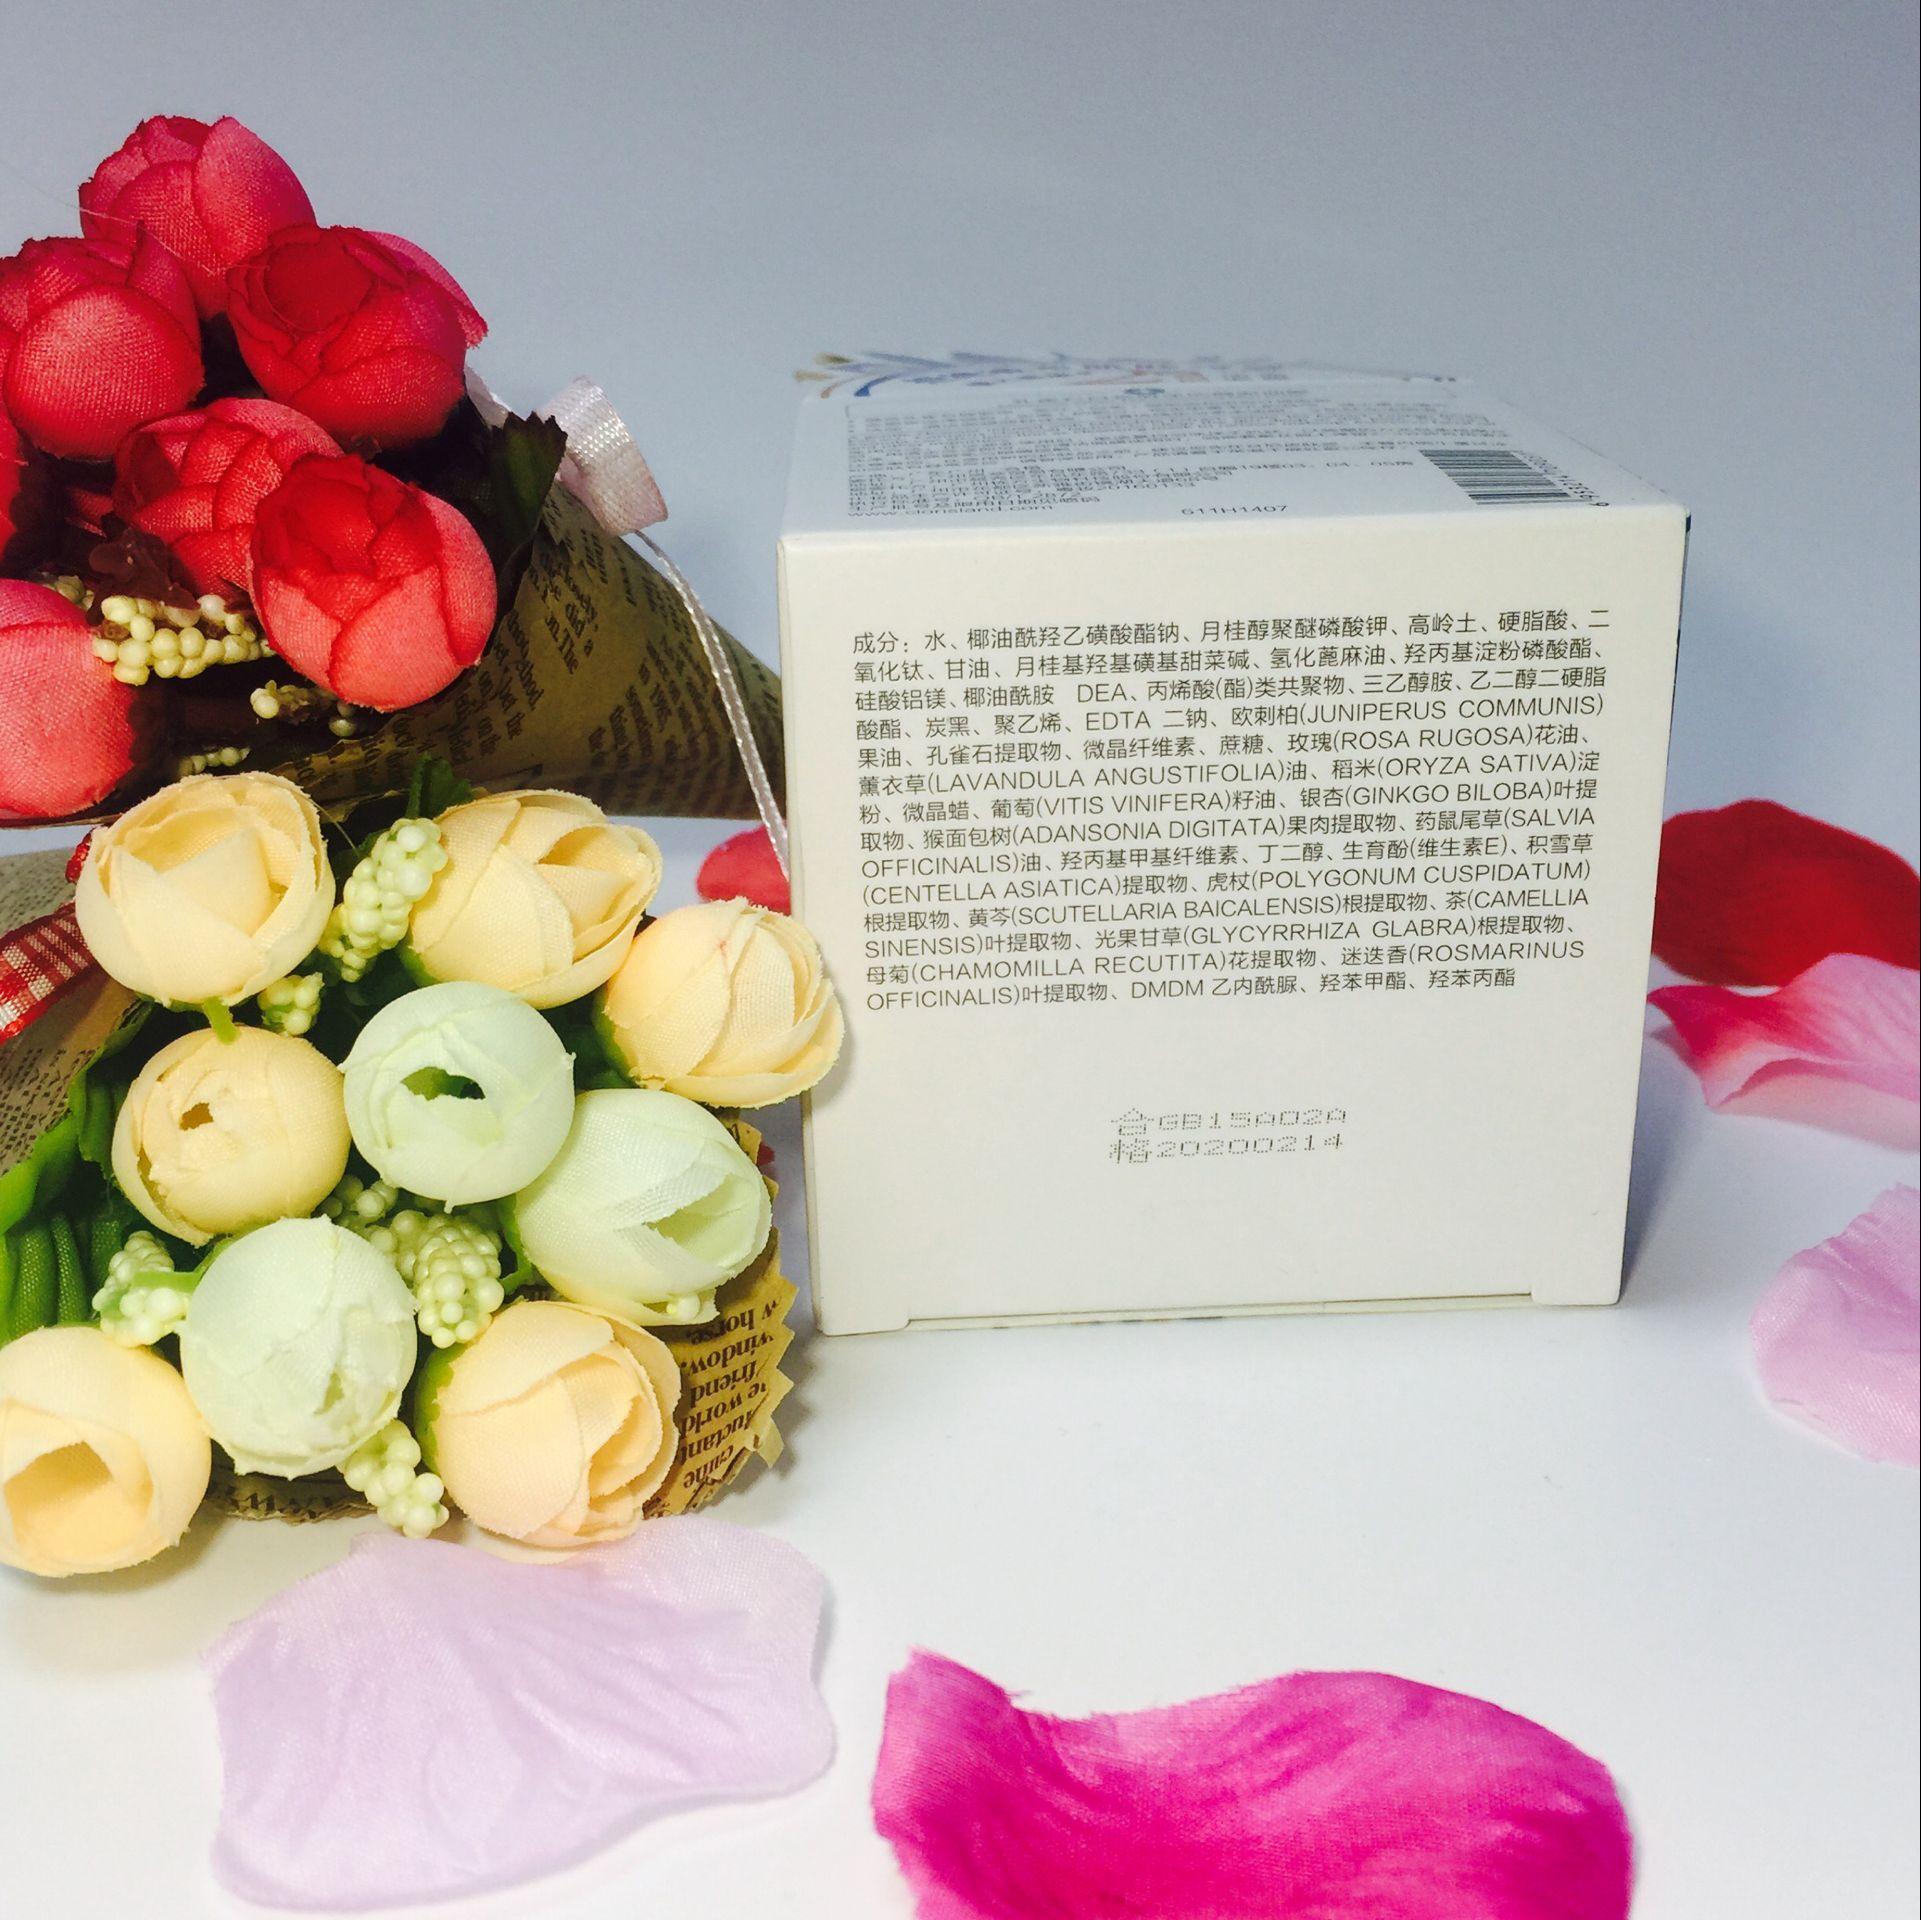 Hoa malachit Bạch Trà tẩy sạch Nhan bùn sâu đến tên đeo mặt nạ 100g than hoạt tính chống mụn đầu đen sừng.